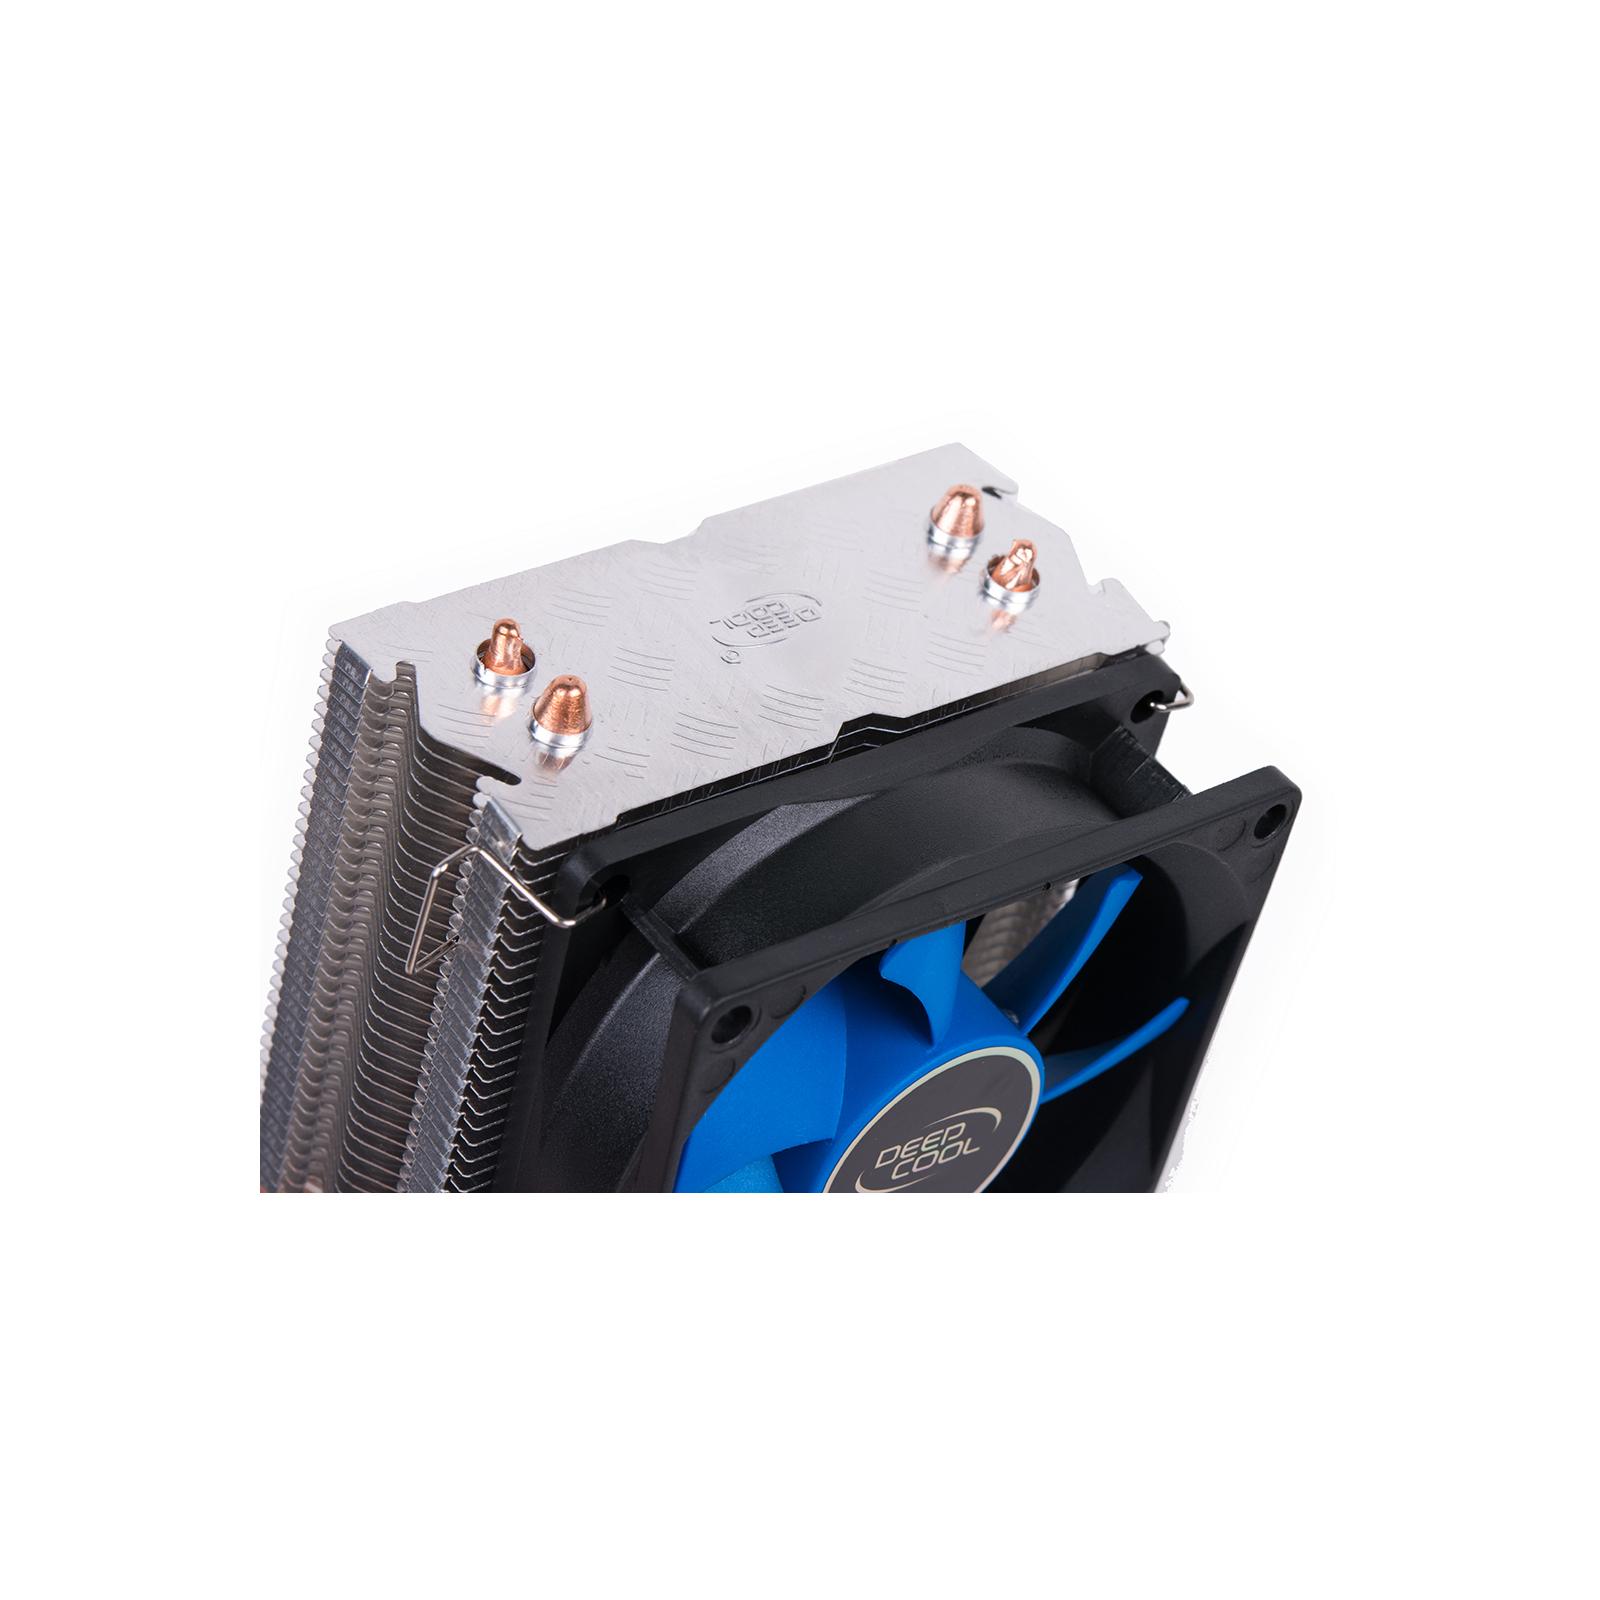 Кулер для процессора Deepcool ICEEDGE MINI FS V2.0 изображение 4